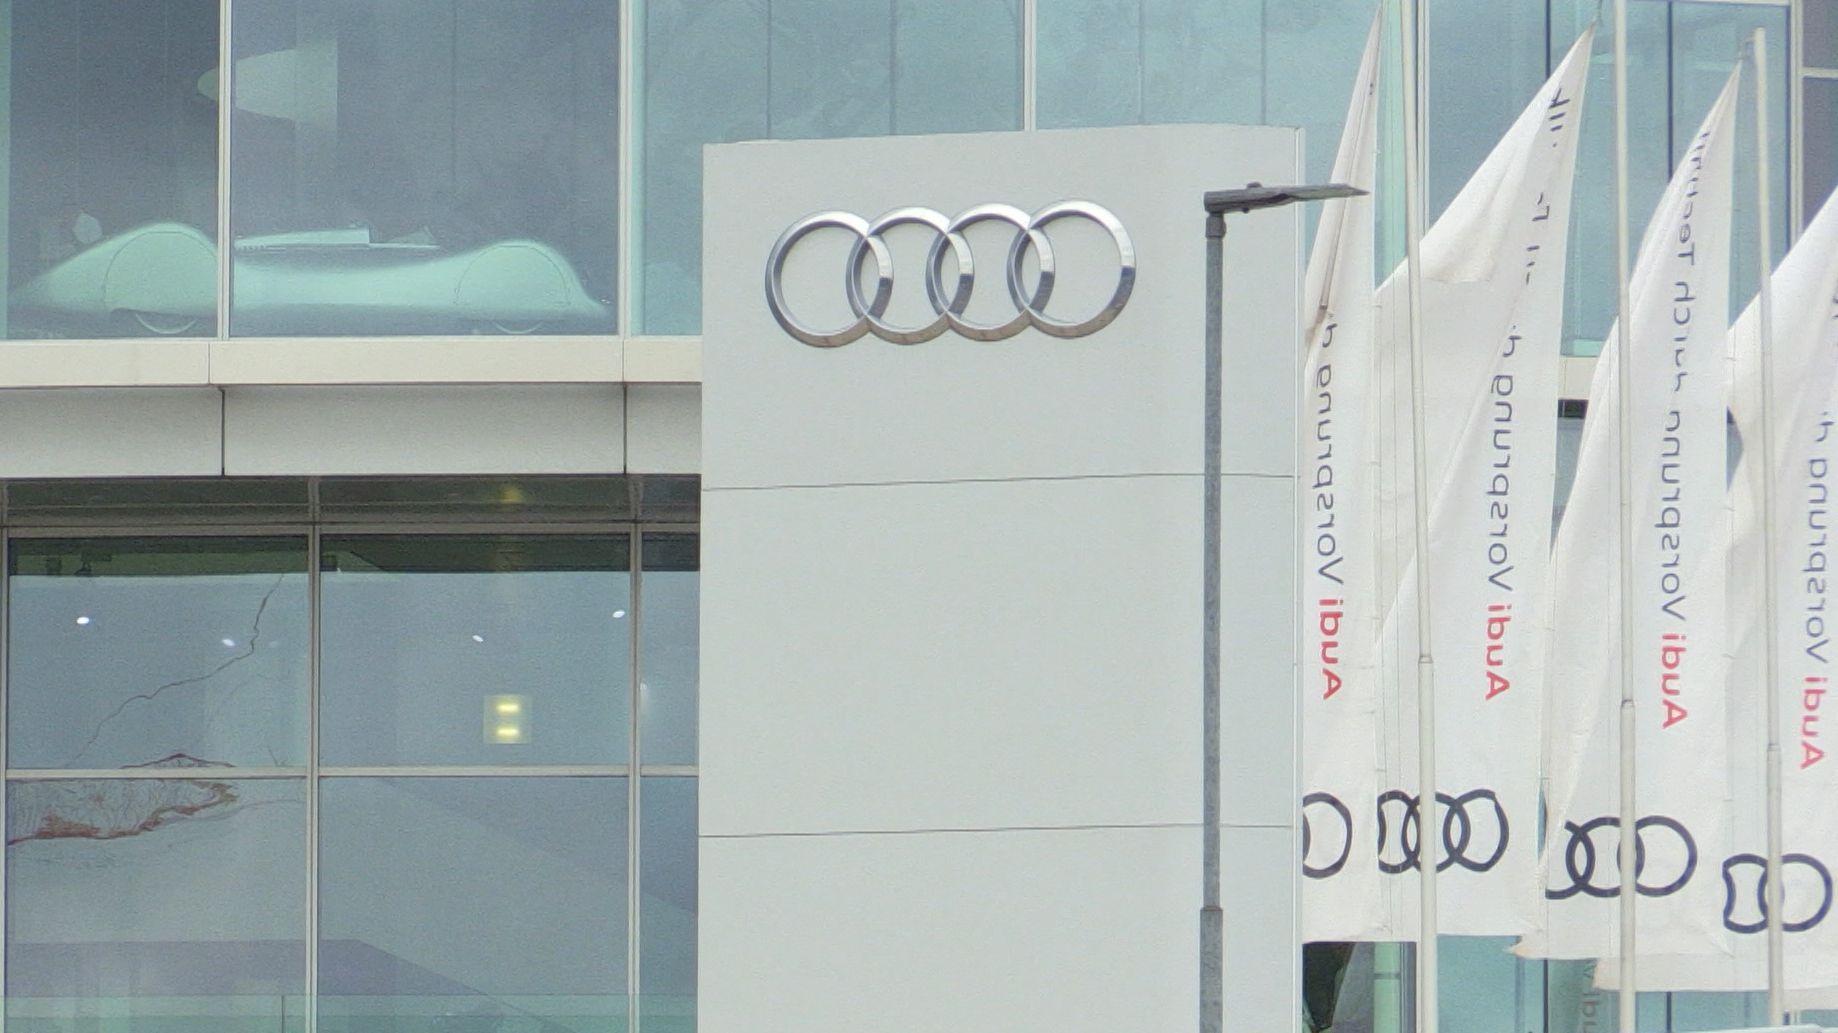 Auf der Betriebsversammlung am Mittwoch stellte Audi seine Pläne vor, künftig stärker auf Elektroautos zu setzen.